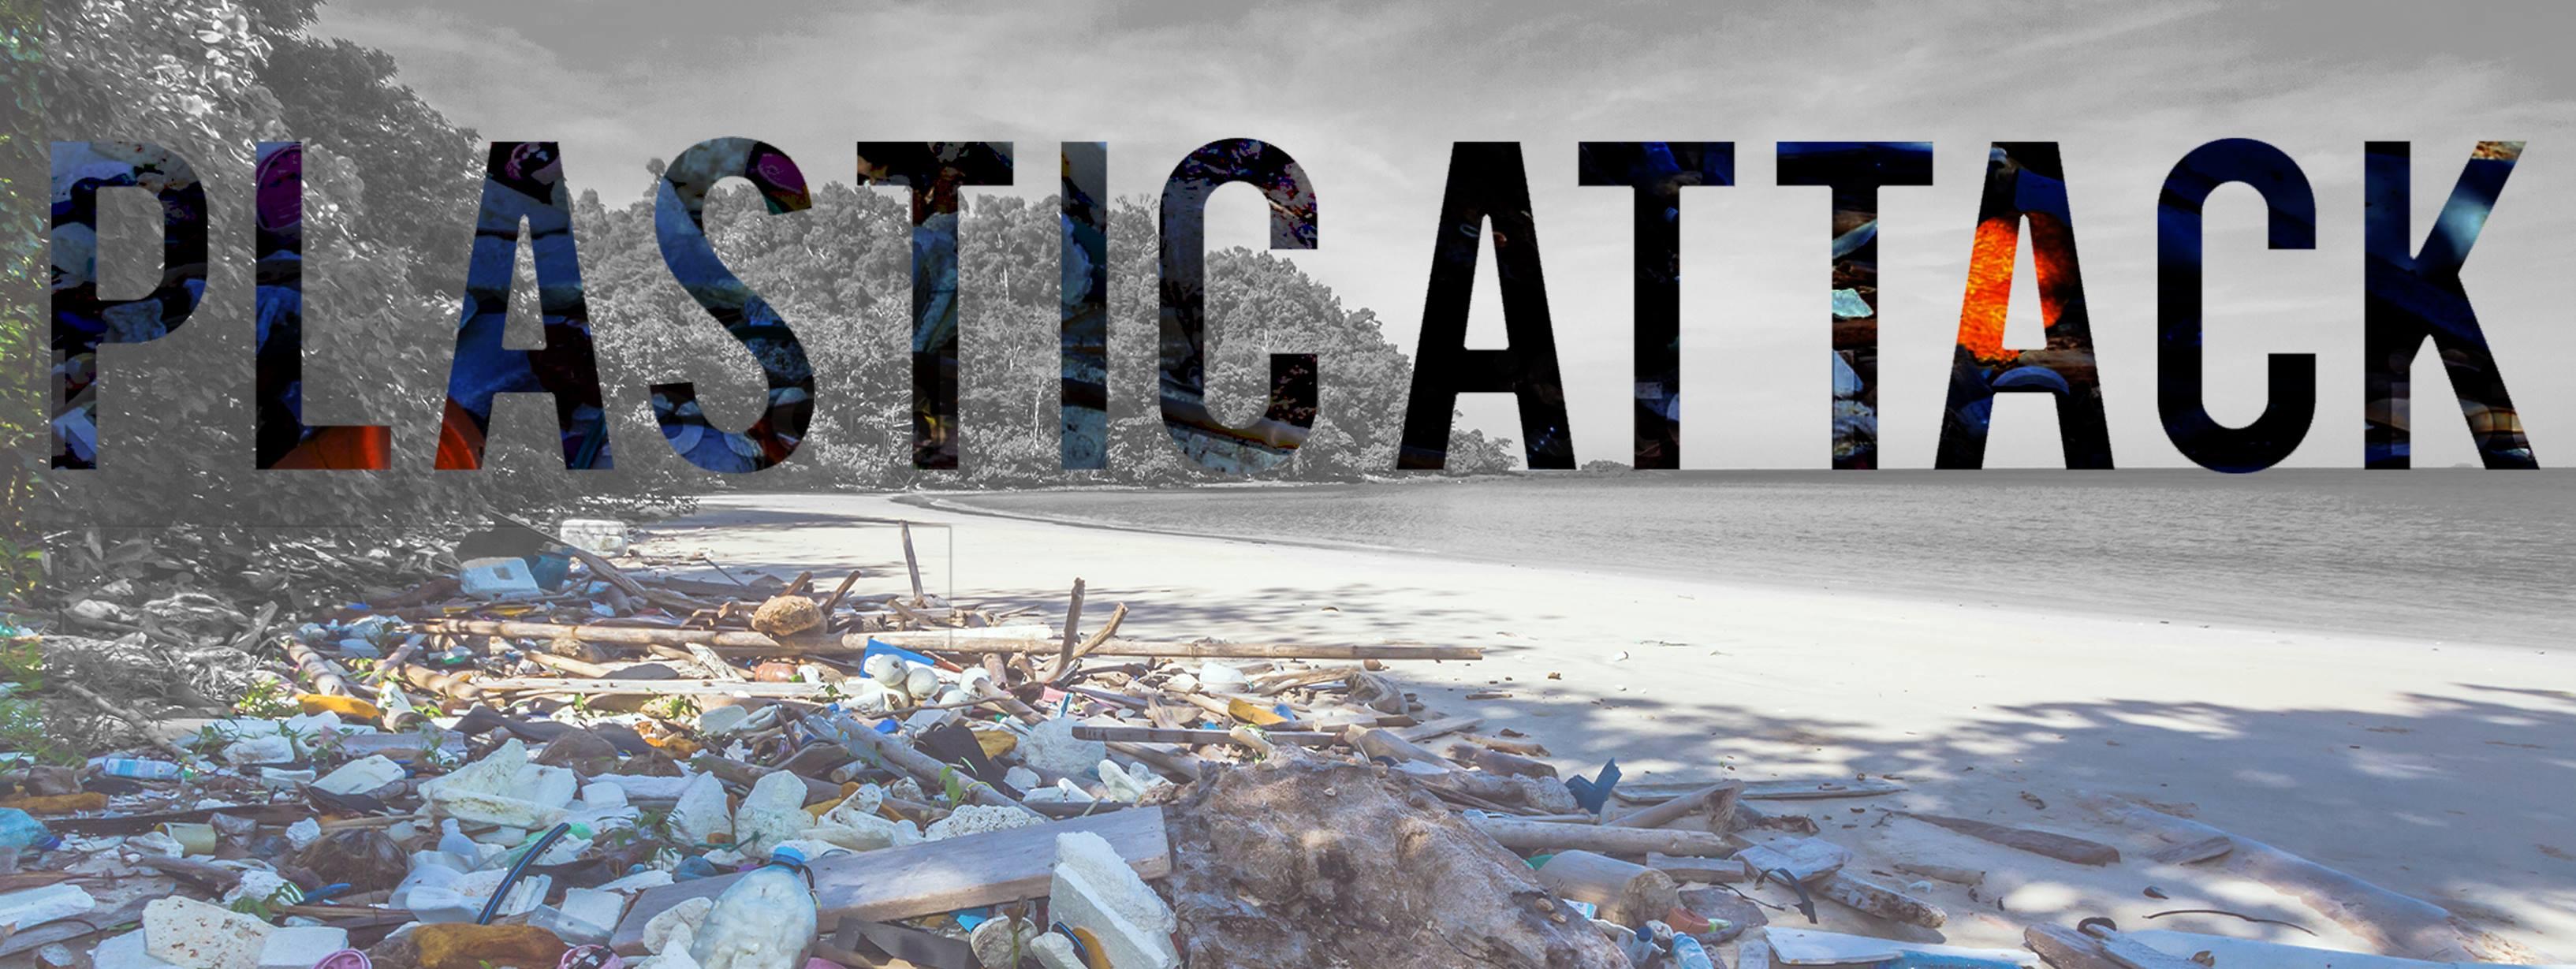 Plastic Attack laat overtollig plastic achter in de supermarkt